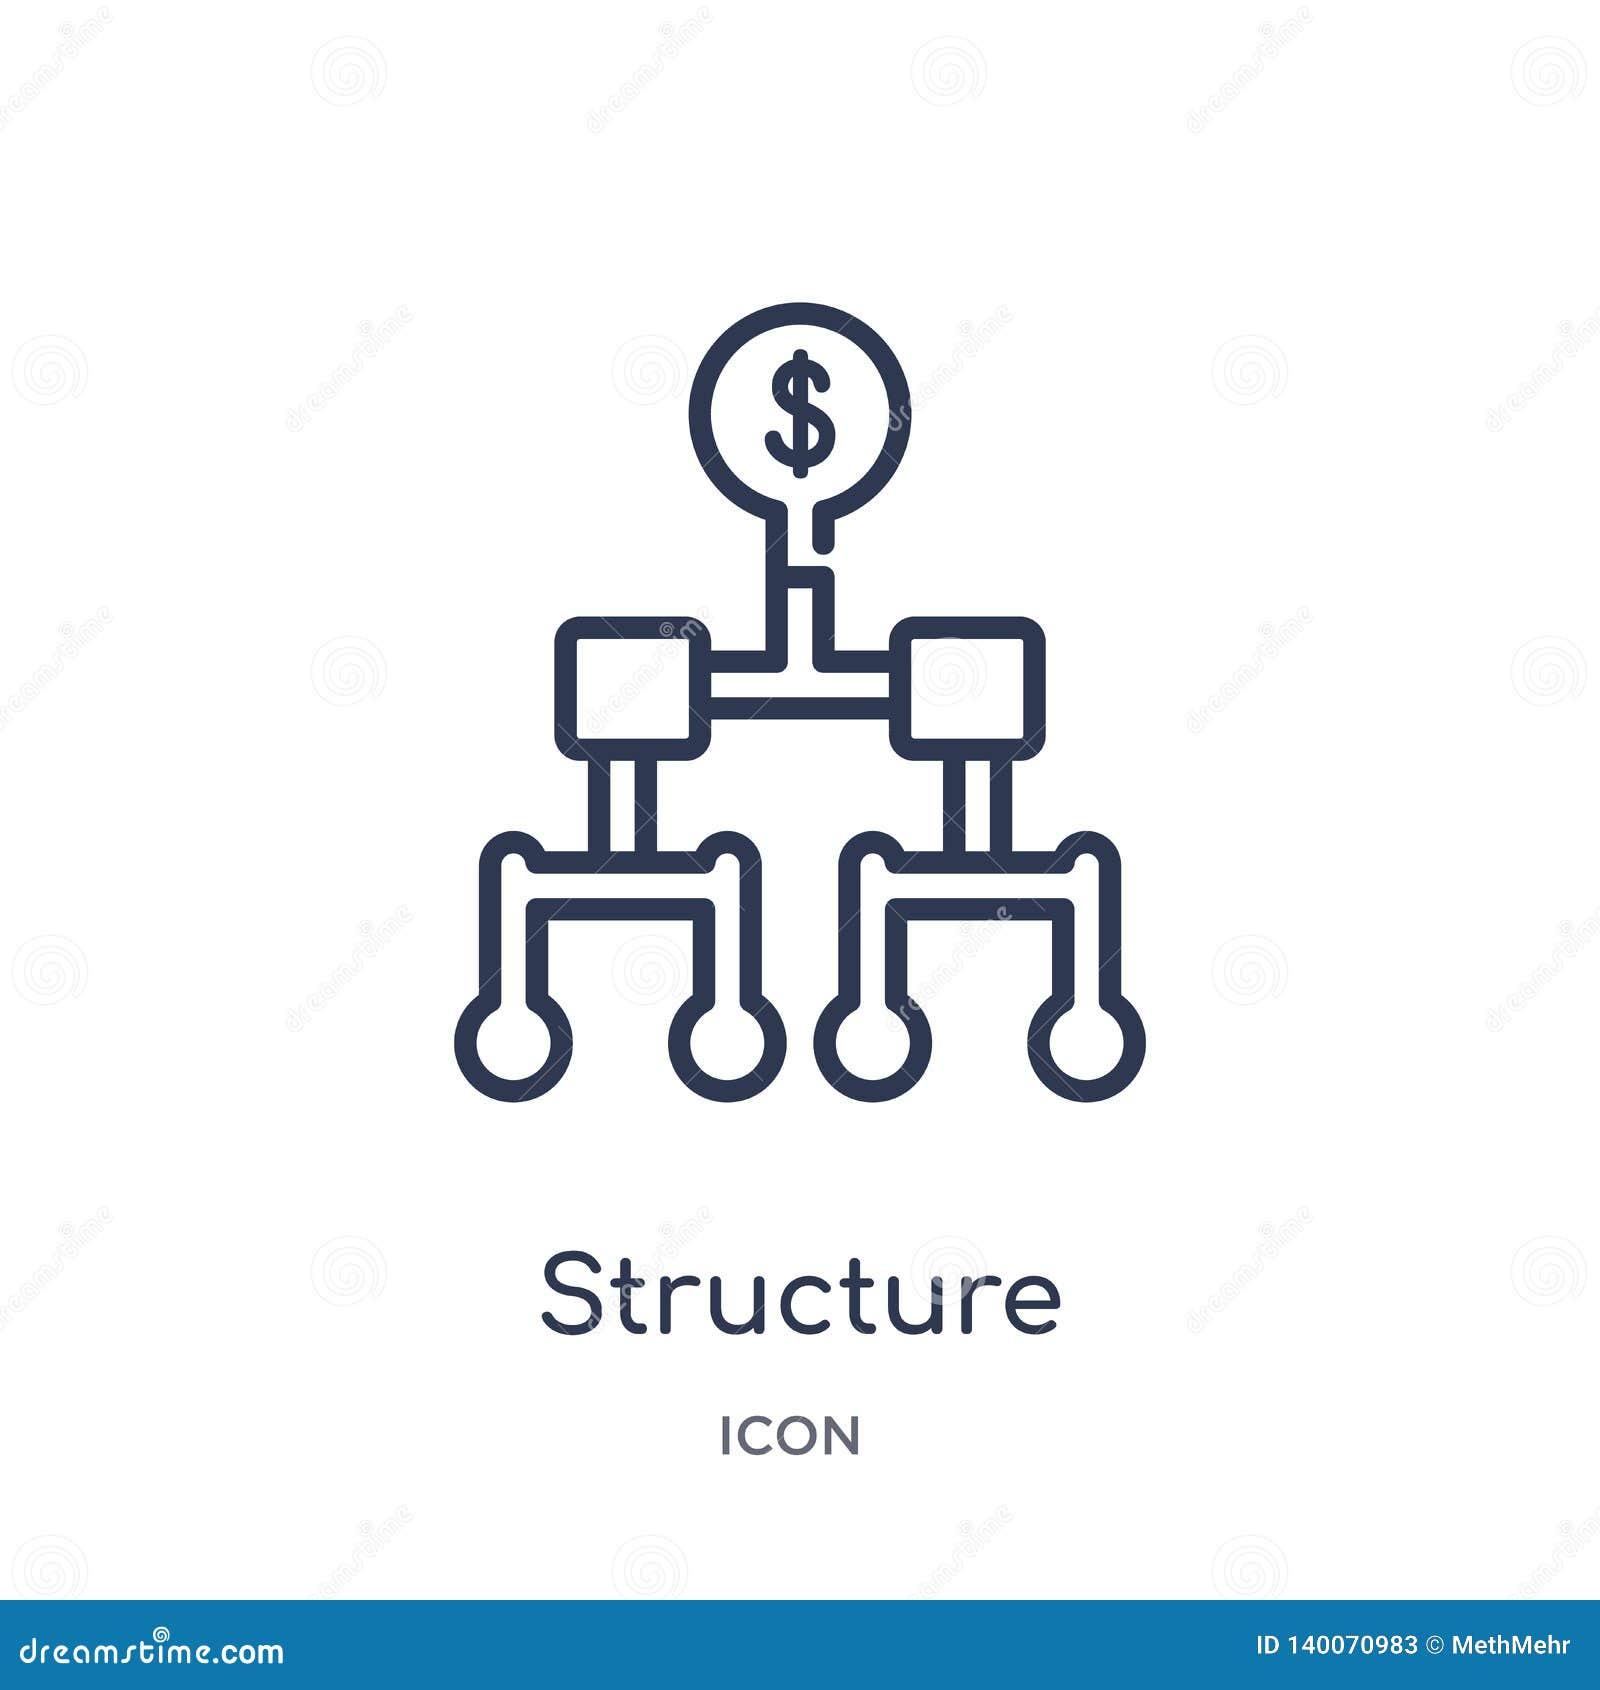 Ícone da estrutura linear da coleção do esboço do negócio Linha fina ícone da estrutura isolado no fundo branco estrutura na moda